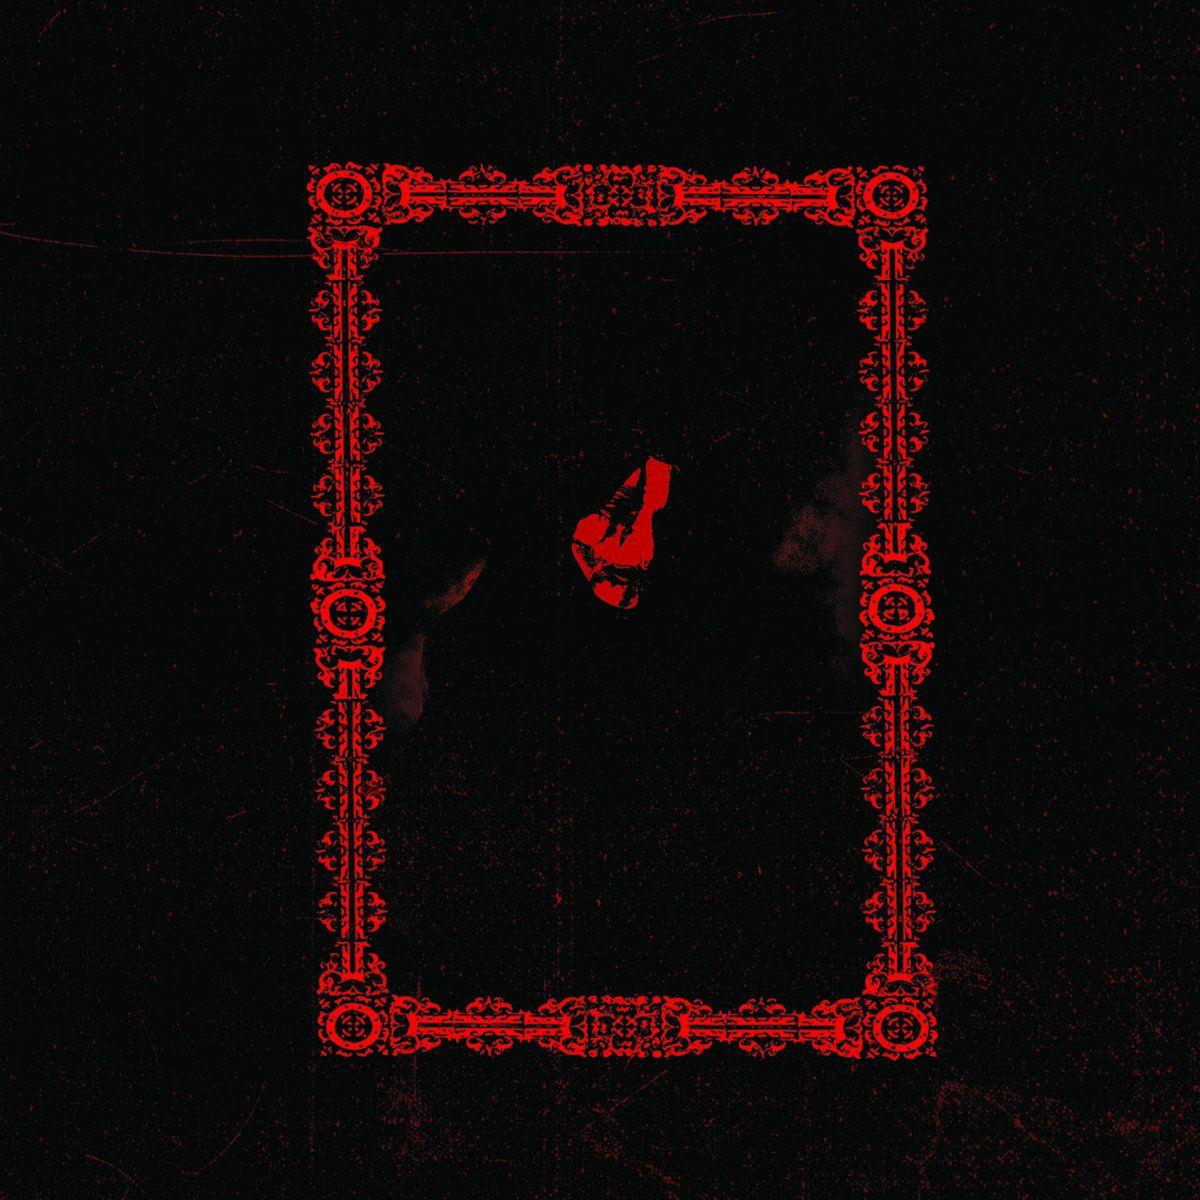 Reviews for Lamp of Murmuur - Melancholy Howls in Ceremonial Penitence